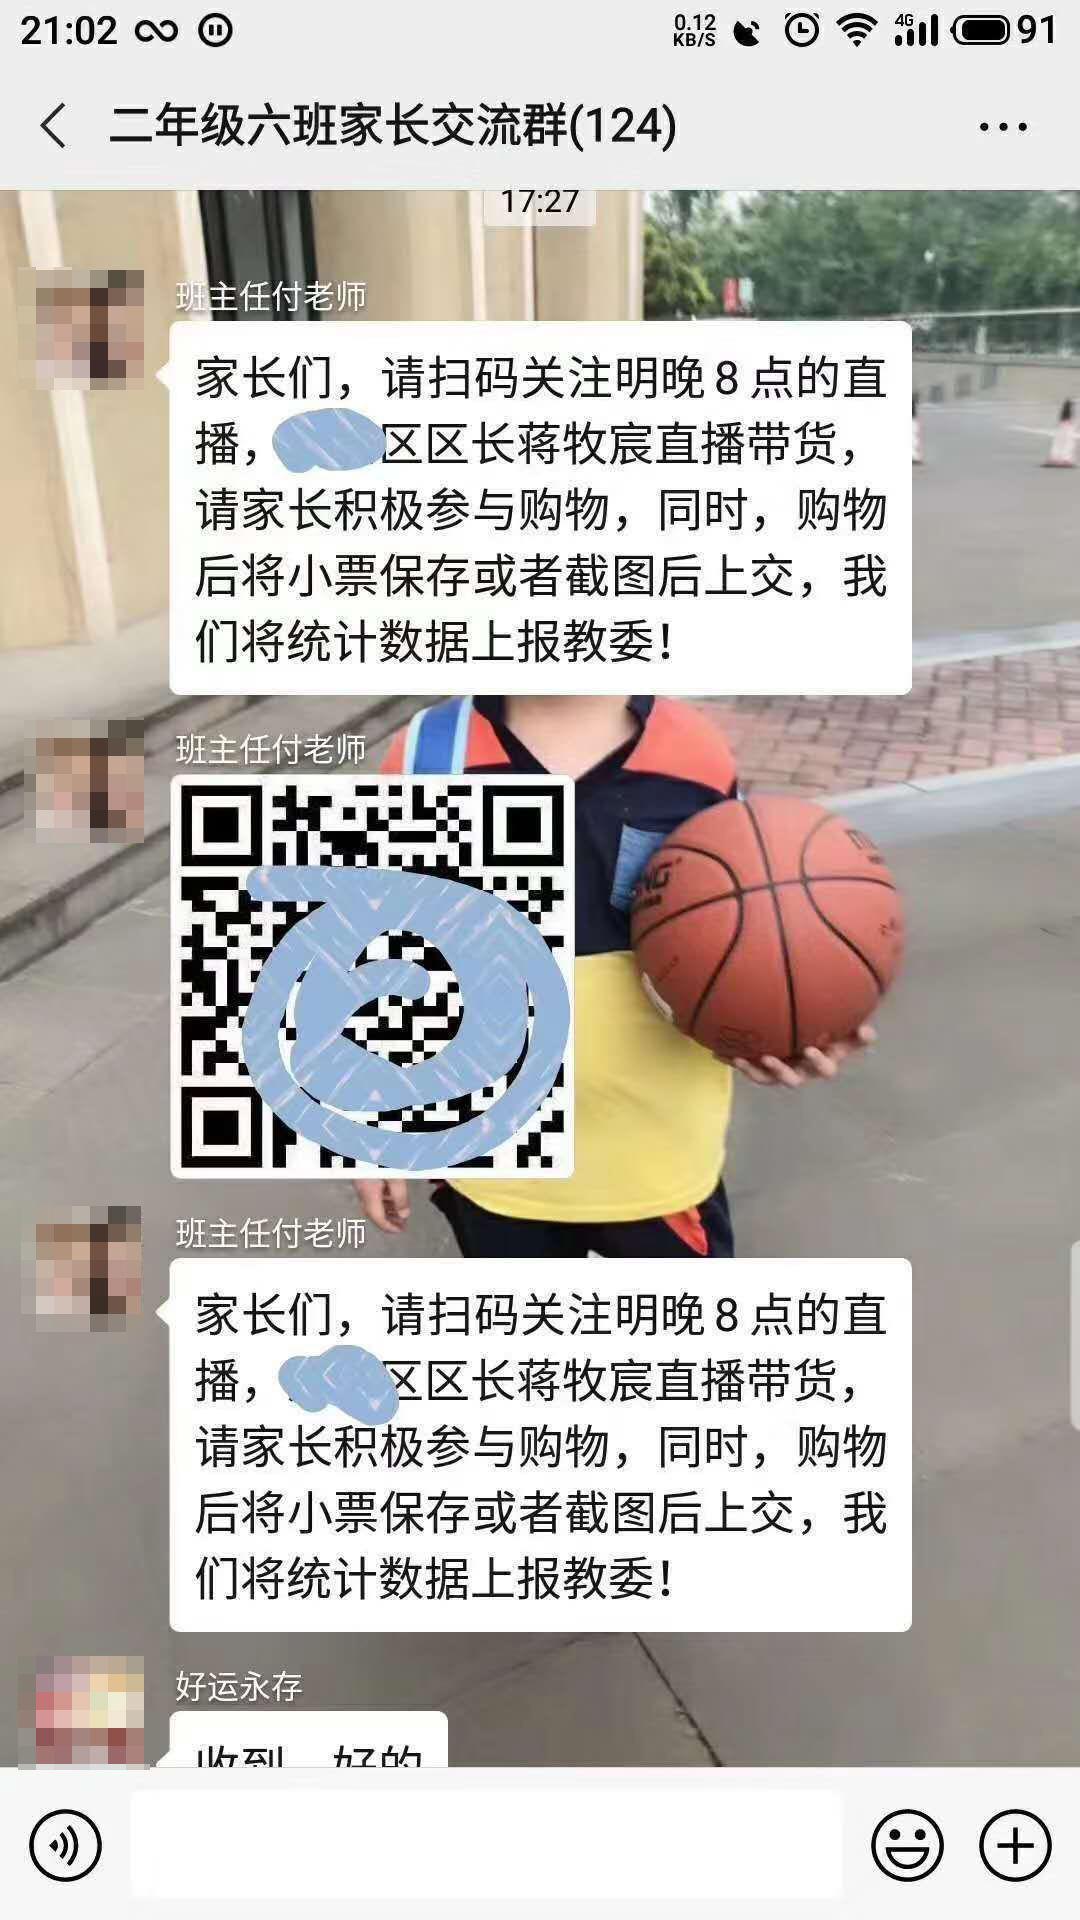 【广州向日葵视频】_区长直播带货 小学教师在班级群转发:请家长积极参与购物